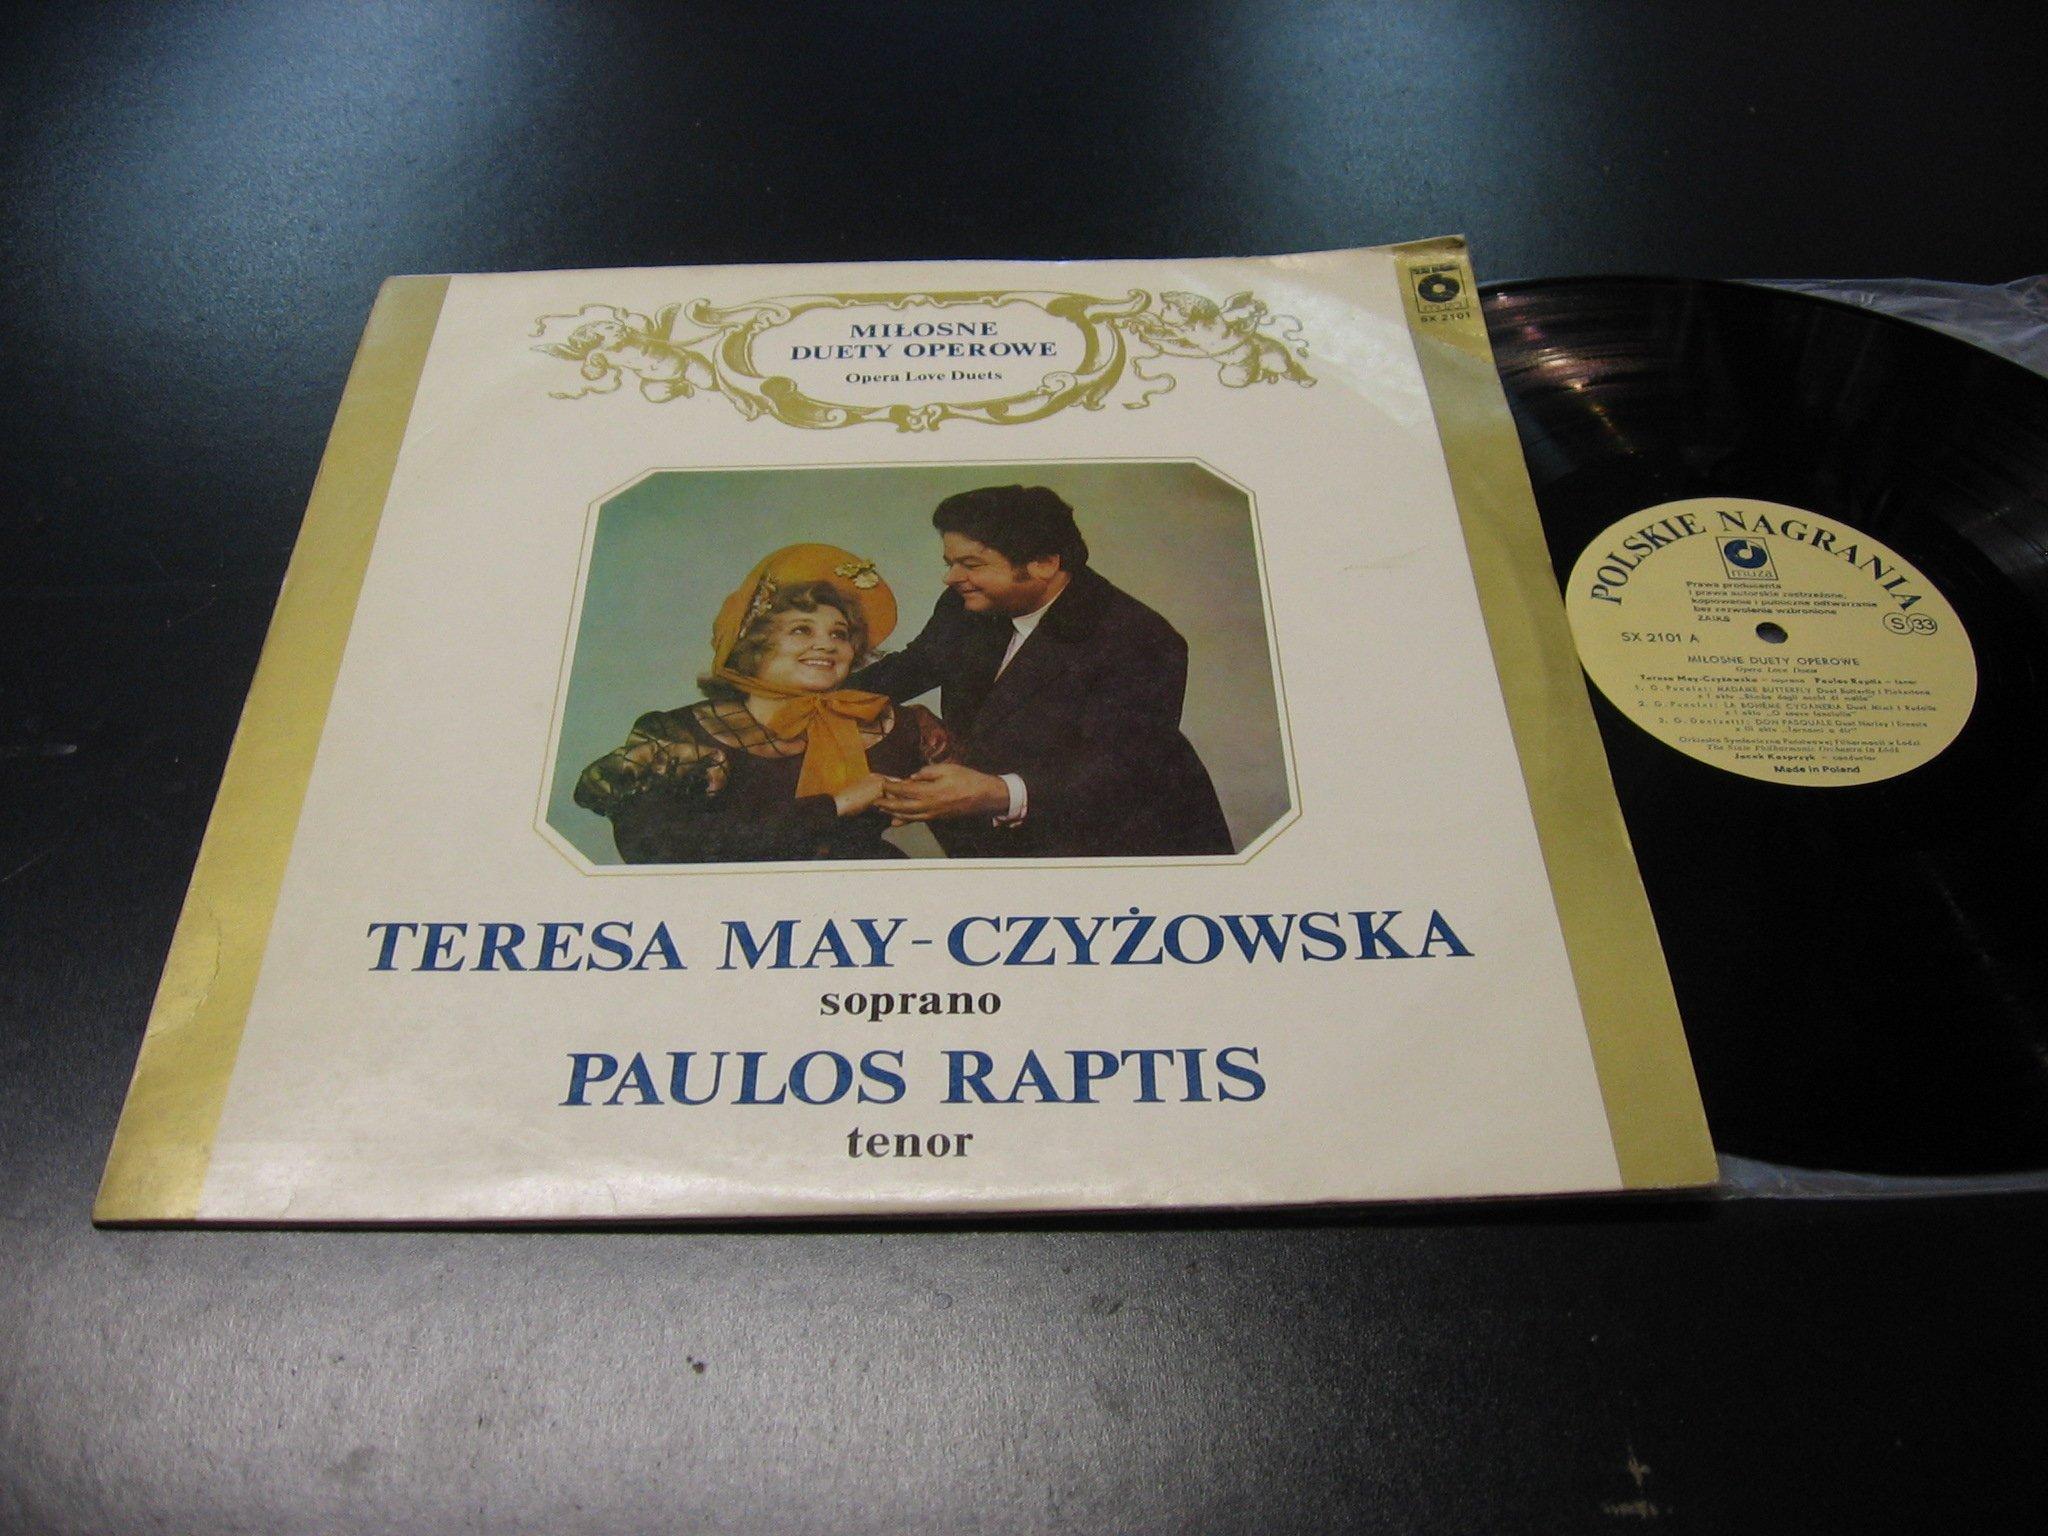 TERESA MAY CZYŻOWSKA PAULOS RAPTIS `````````` LP ```````````` Opole